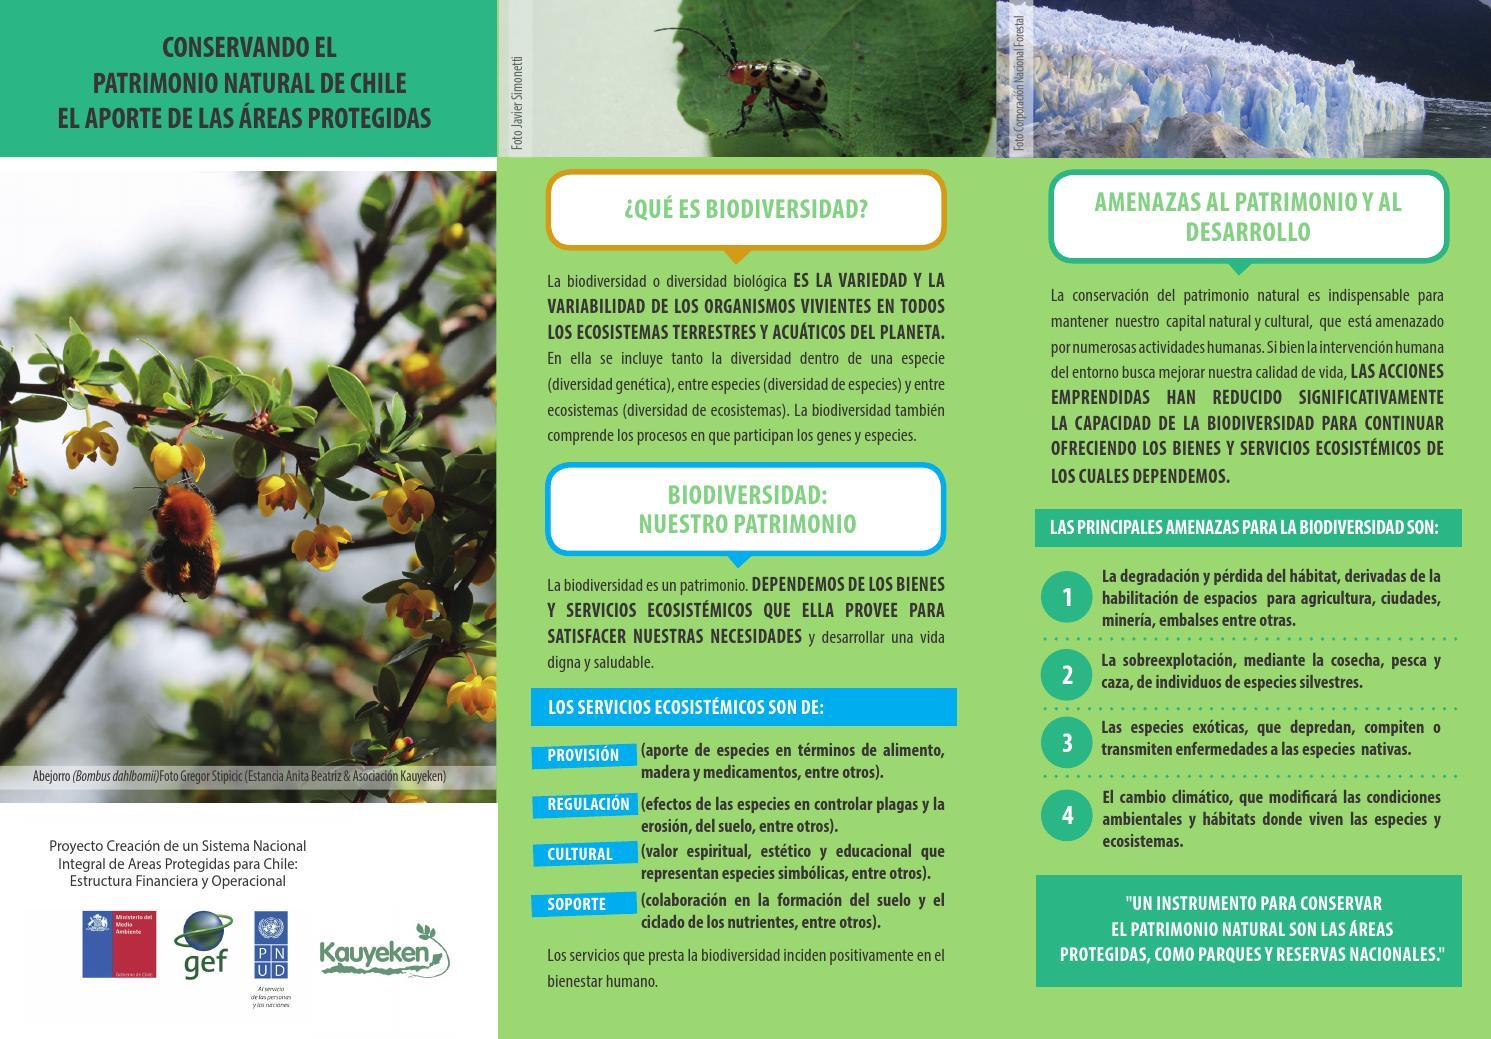 tr237ptico quotconservando el patrimonio natural de chile el